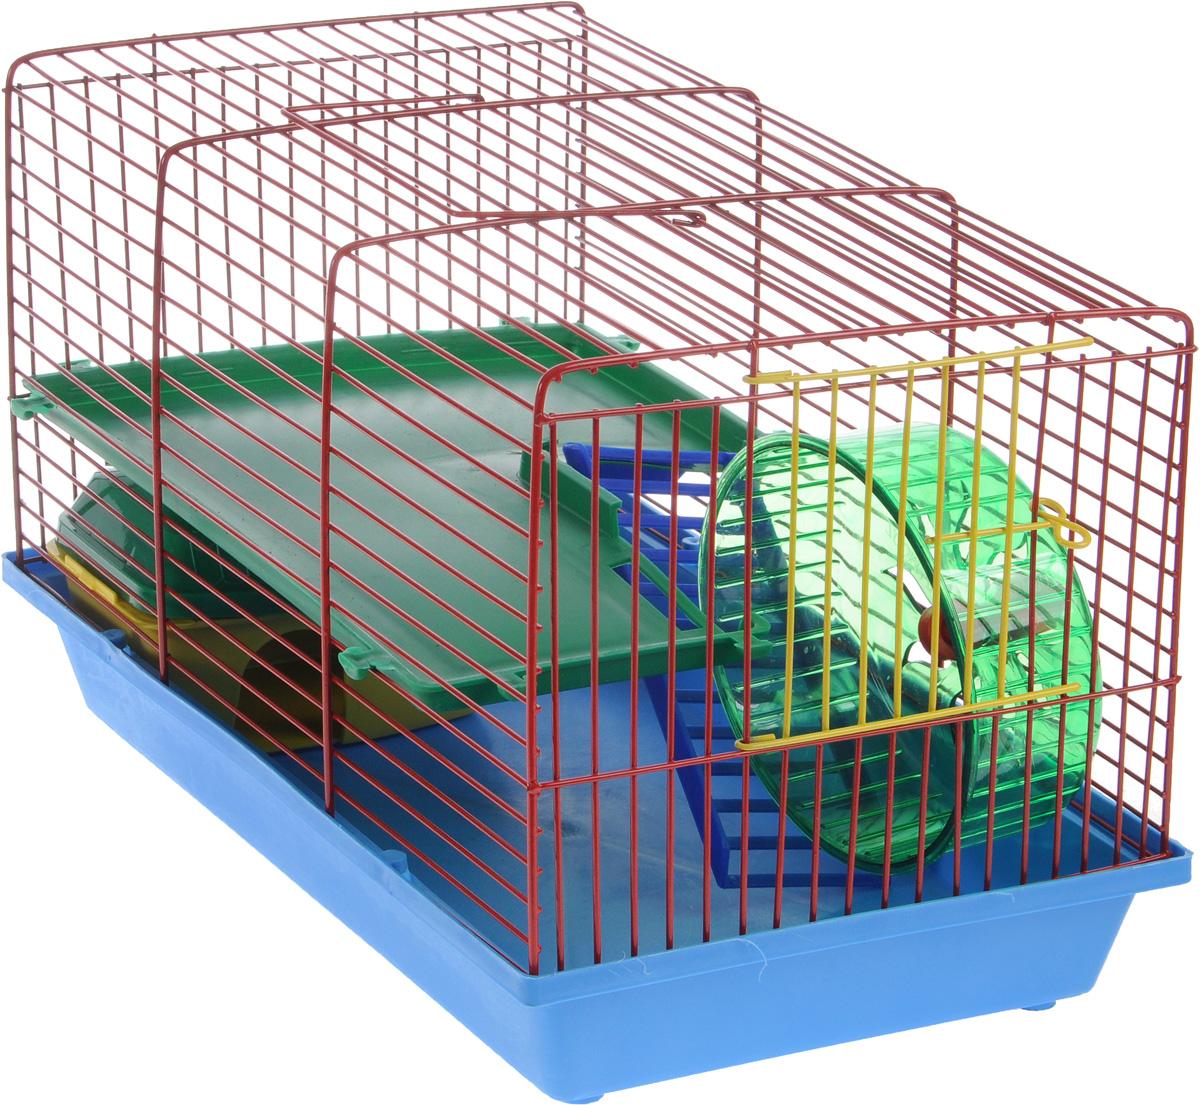 Клетка для грызунов ЗооМарк, 2-этажная, цвет: синий поддон, красная решетка, зеленый этаж, 36 х 23 х 24 см0120710Клетка ЗооМарк, выполненная из пластика и металла, предназначена для мелких грызунов. Изделие двухэтажное, оборудовано колесом для подвижных игр и пластиковым домиком. Клетка имеет яркий поддон, удобна в использовании и легко чистится. Сверху имеется ручка для переноски. Такая клетка станет уединенным личным пространством и уютным домиком для маленького грызуна.